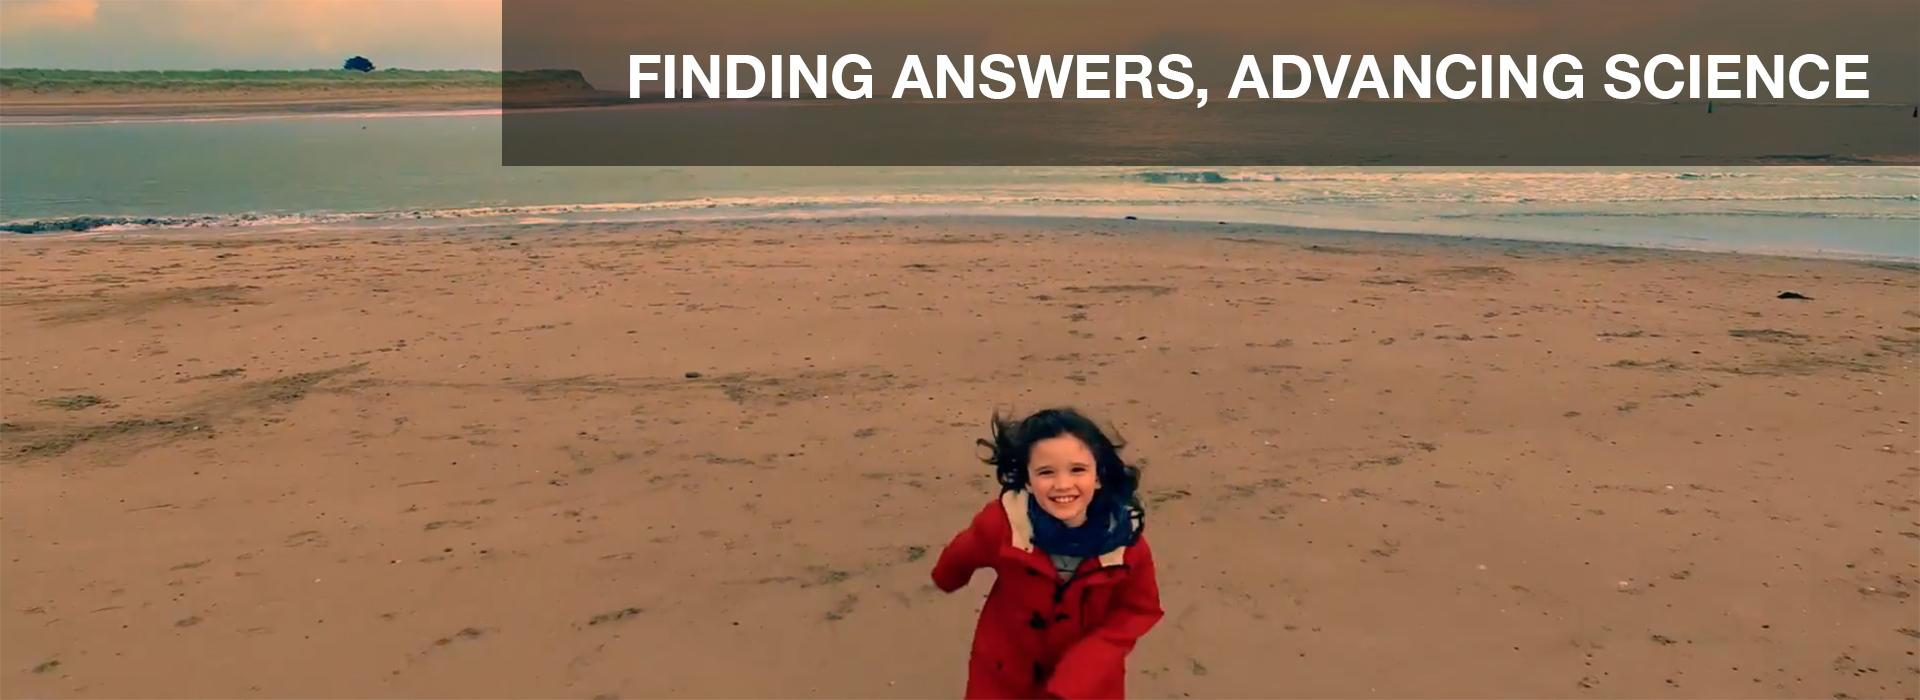 答えを見つけ、科学を進歩させる